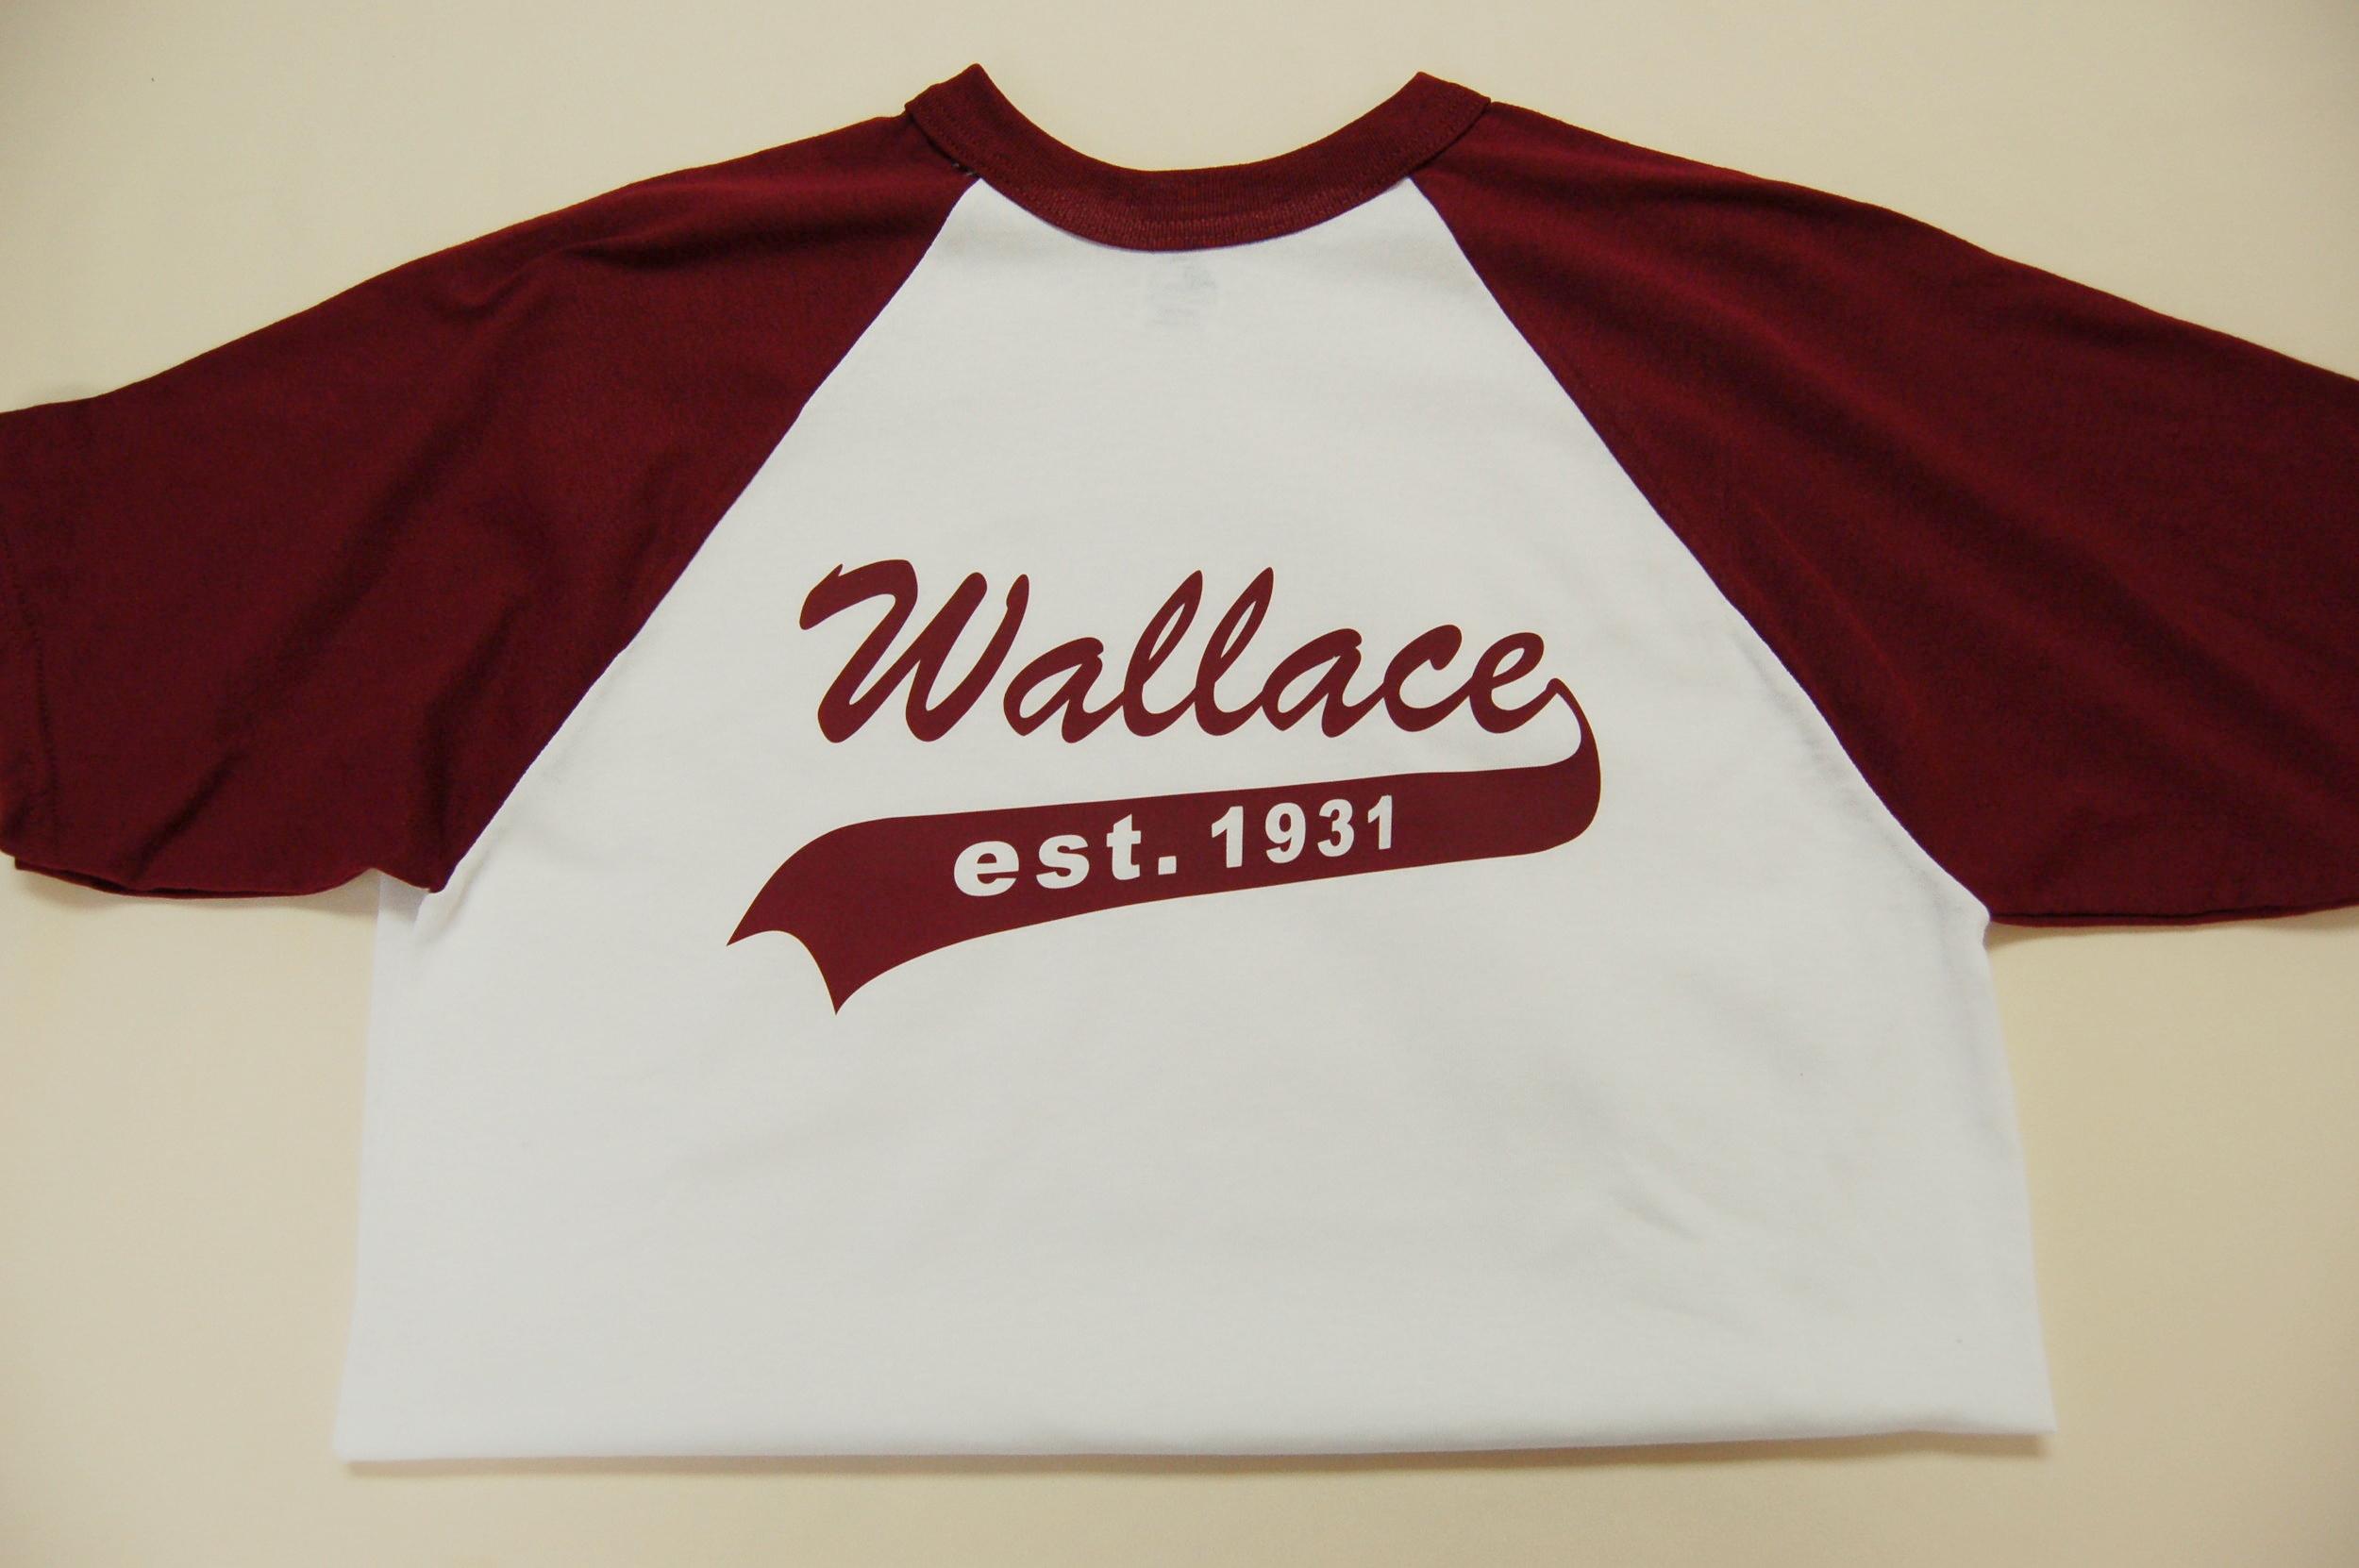 Wallace men's.JPG